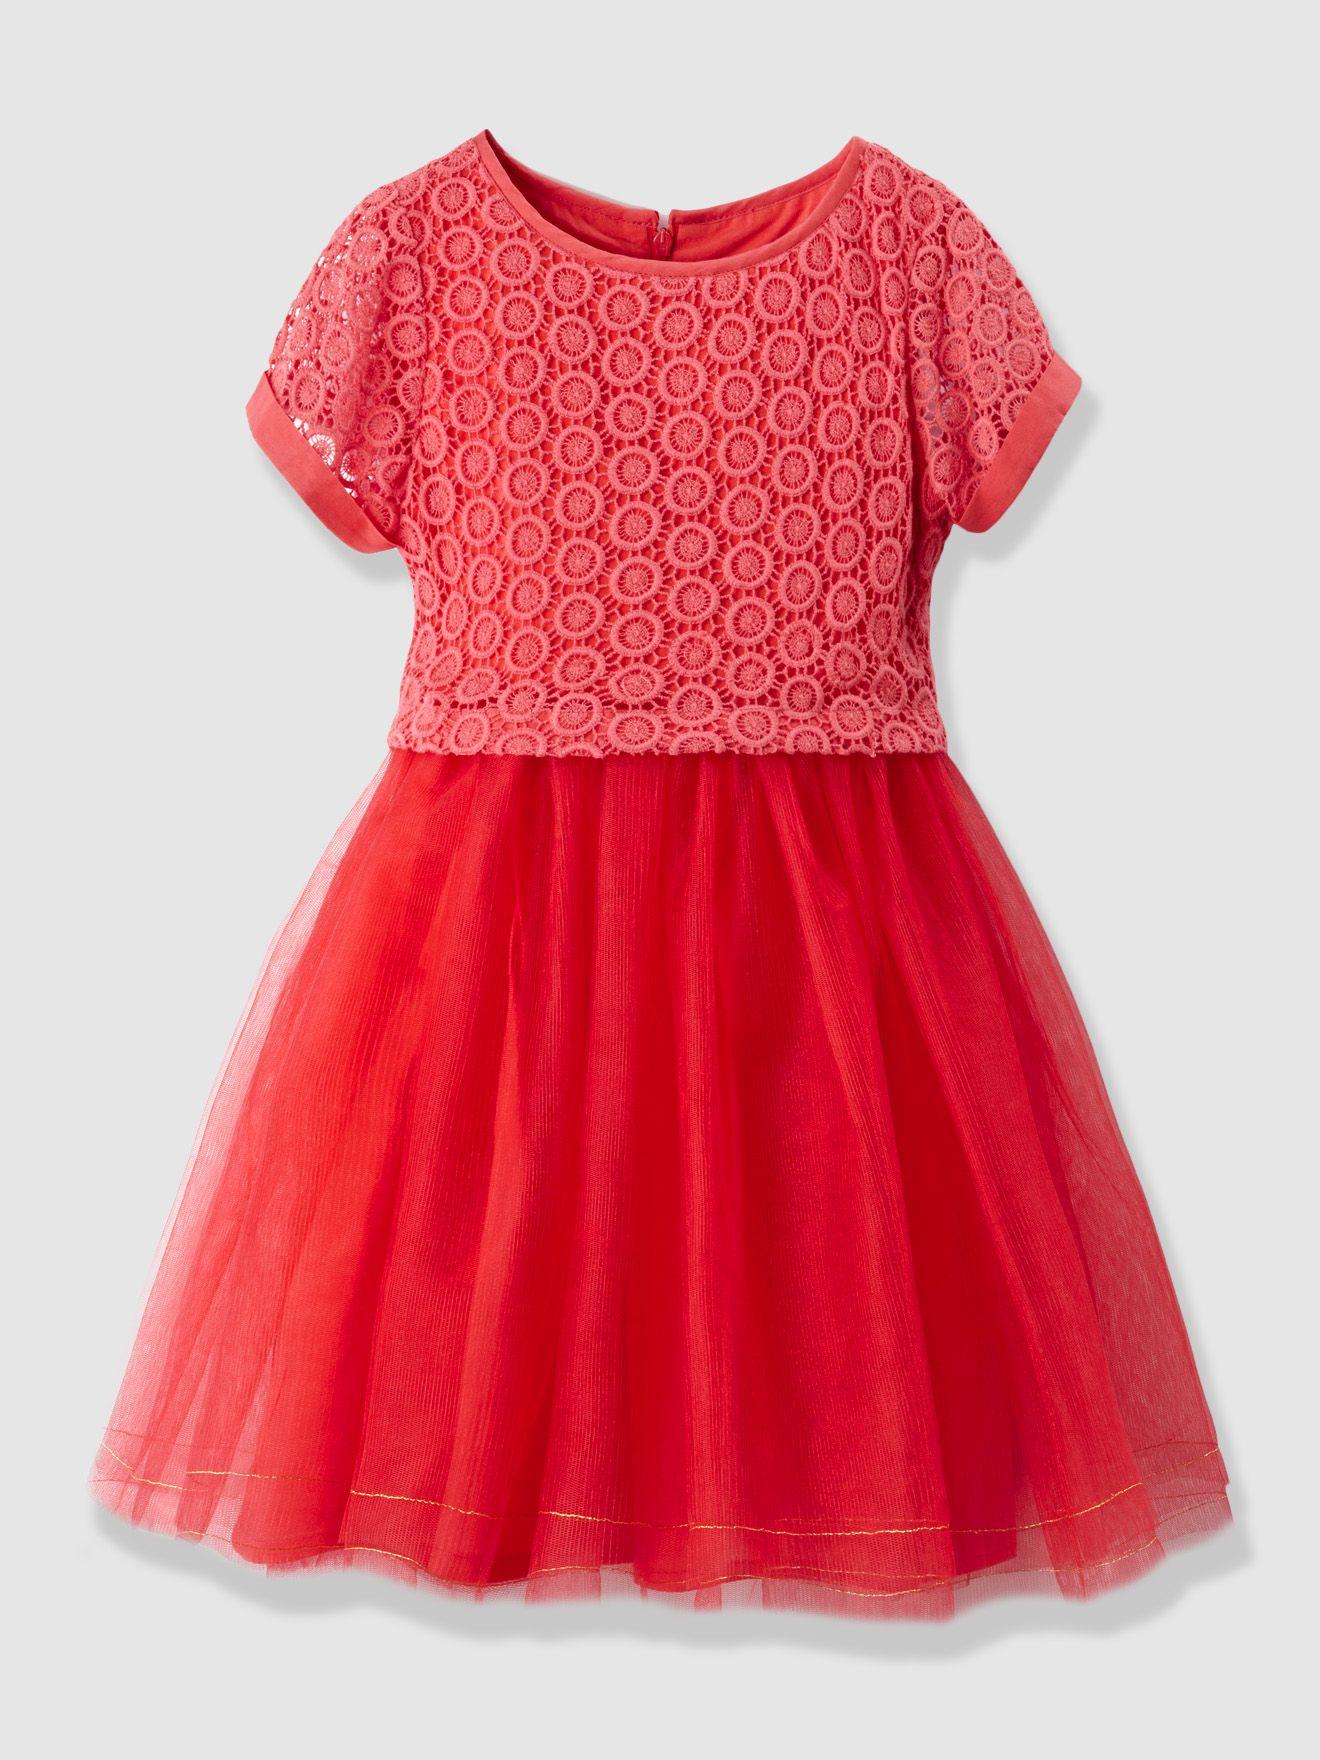 Vertbaudet Festliches Mädchenkleid mit Spitze in koralle   Mädchen ...